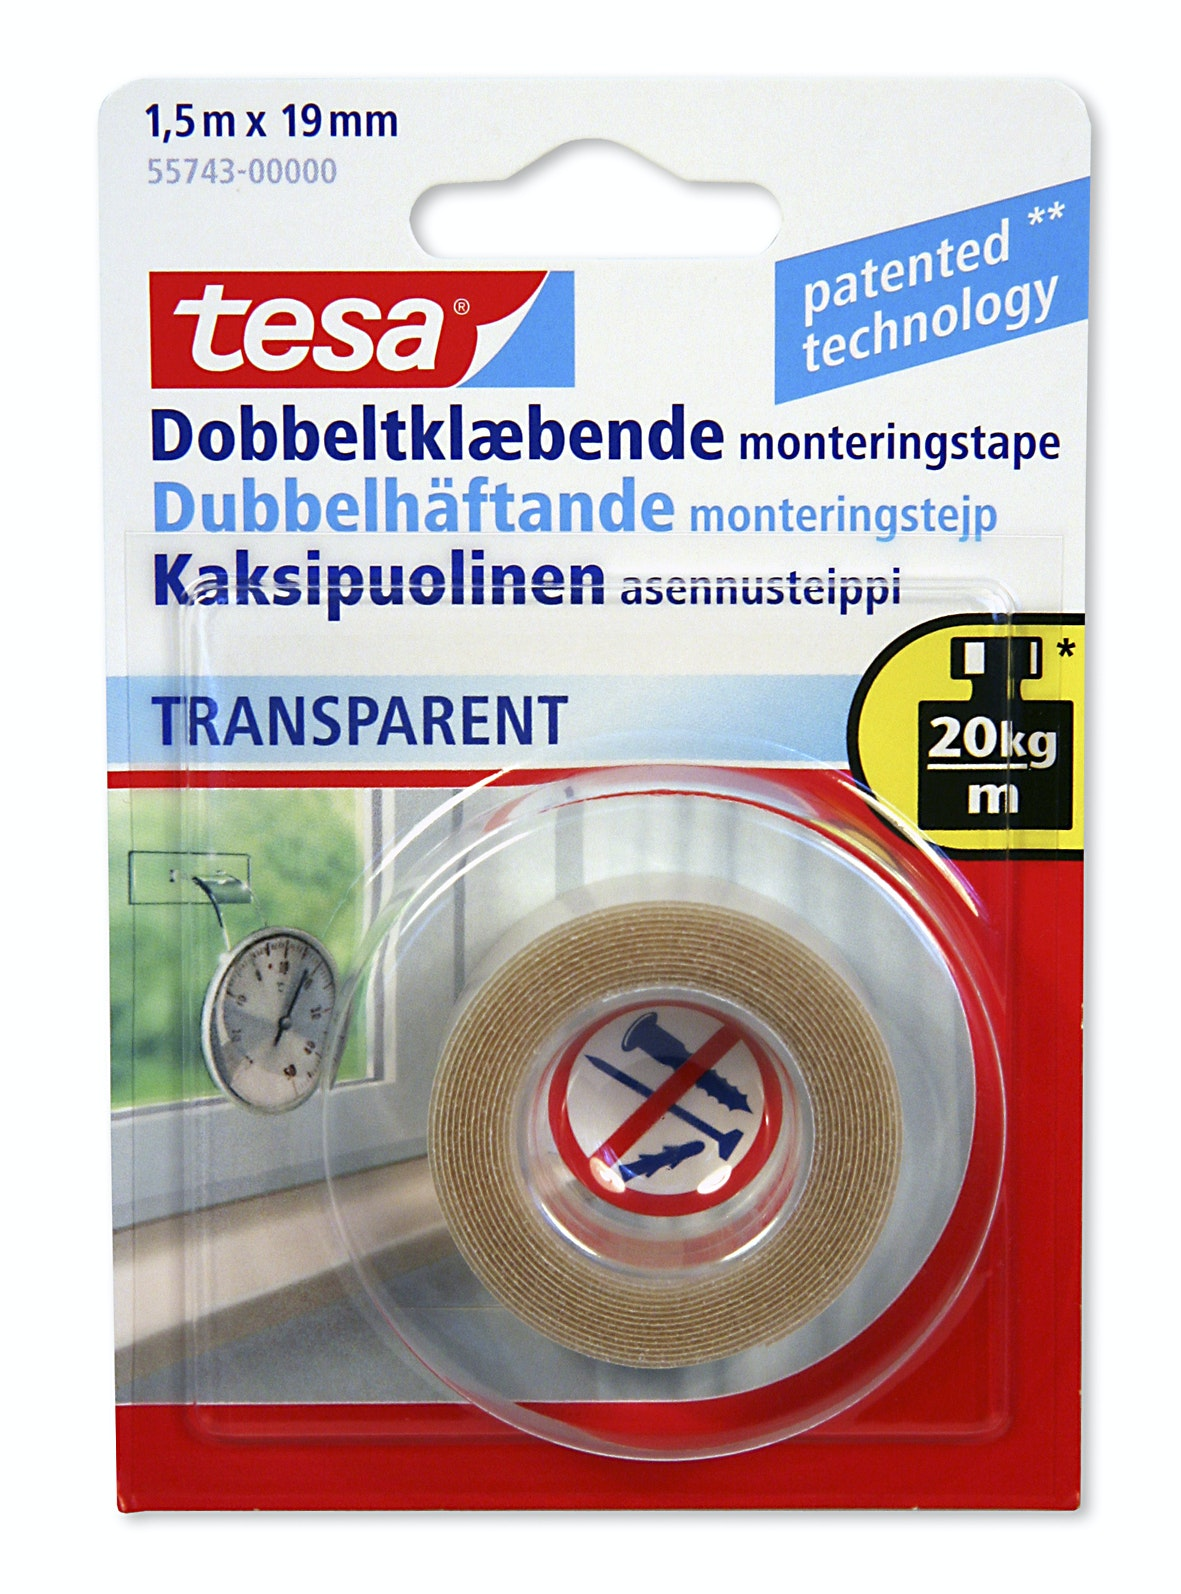 Monteringstejp Tesa Dubbelhäftande Transparant